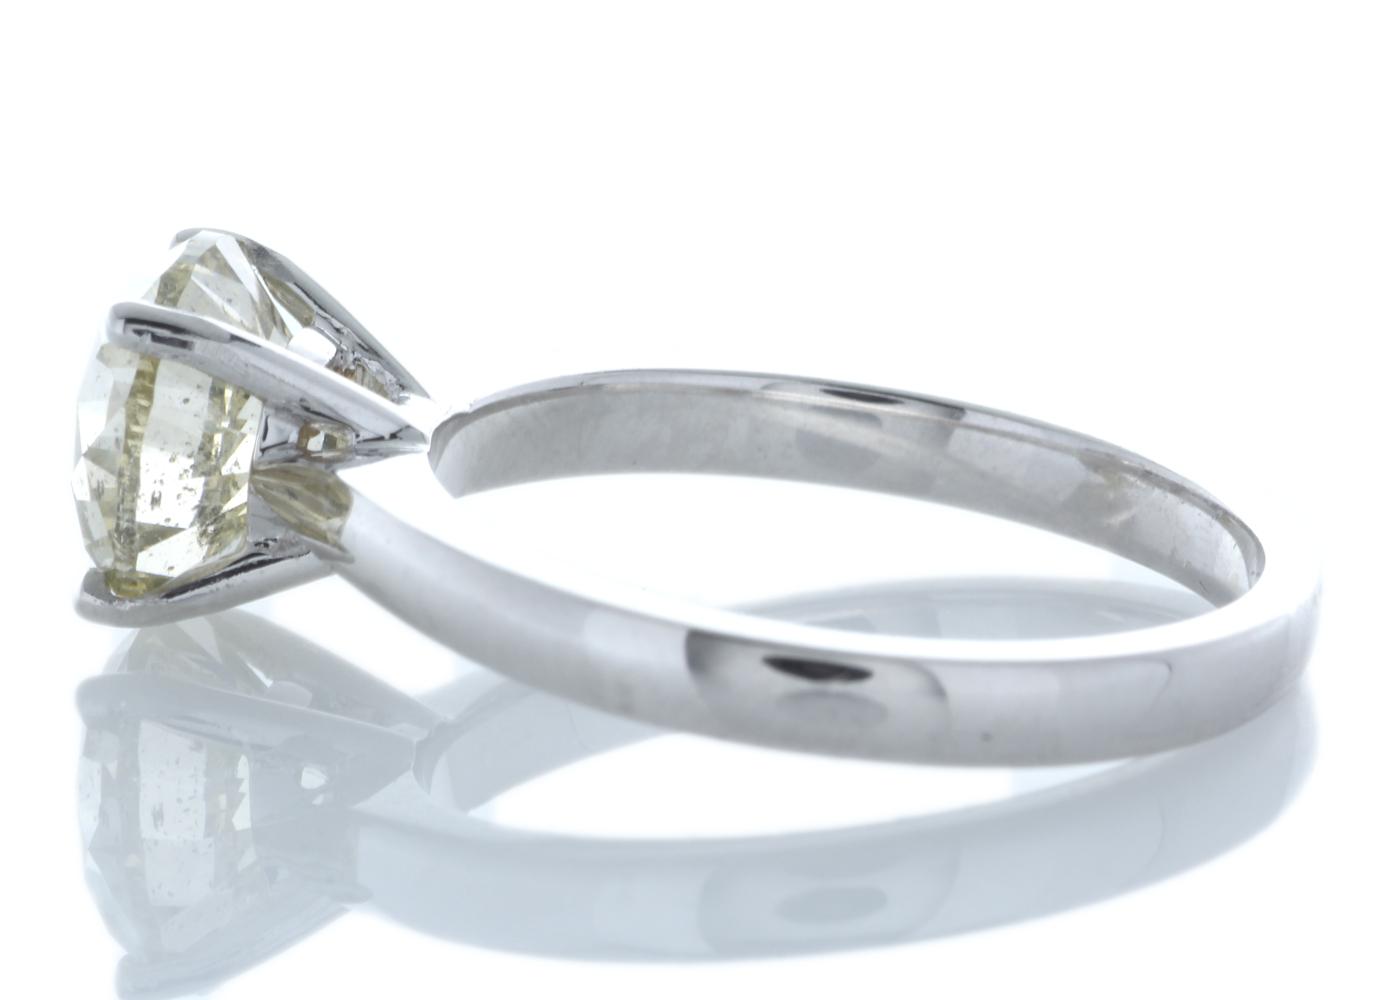 18ct White Gold Rex Set Diamond Ring 2.29 Carats - Image 4 of 5